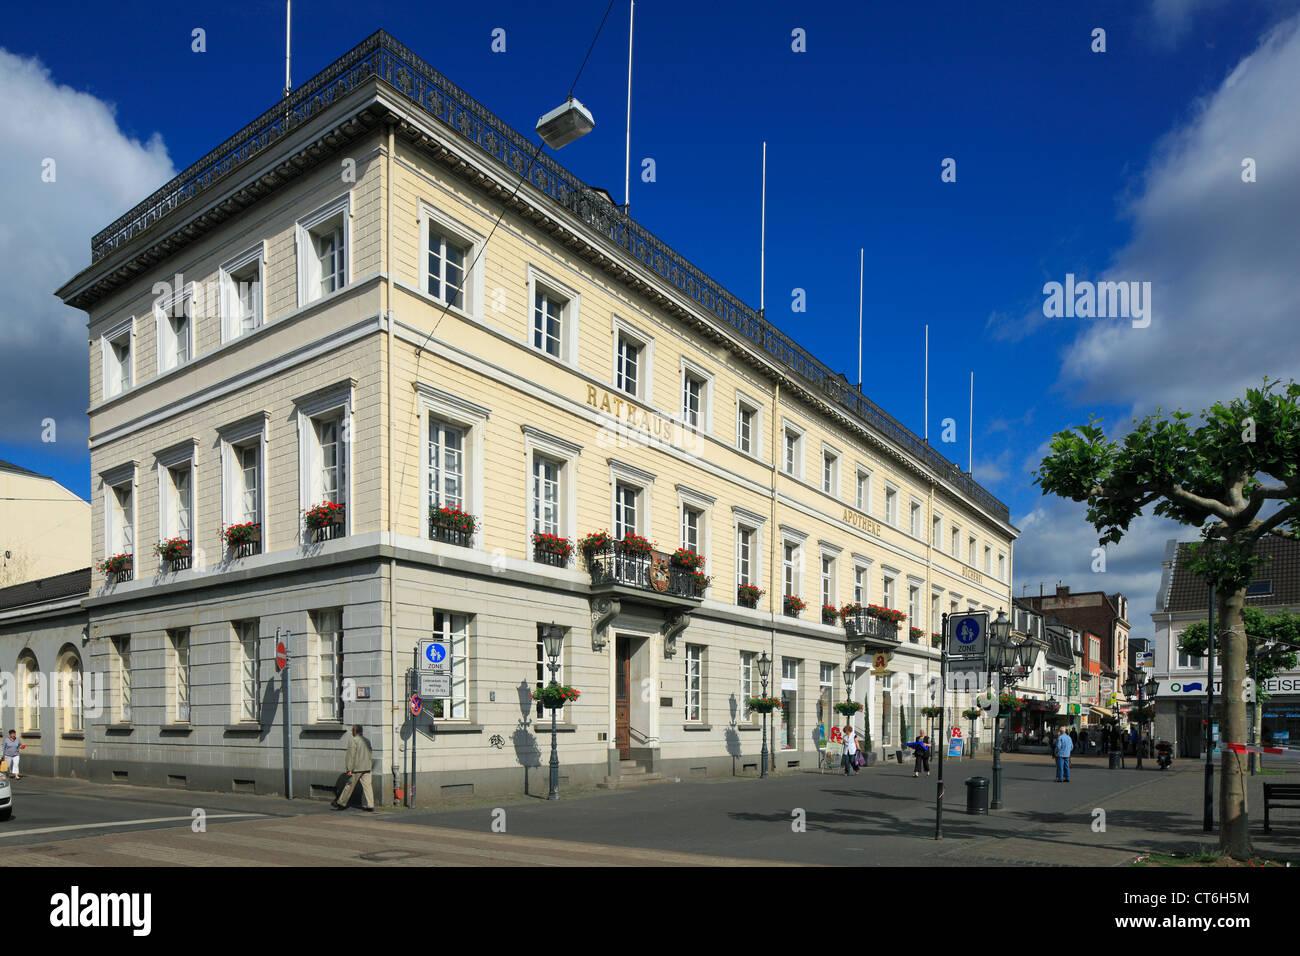 Klassizistisches Rathaus mit Apotheke und Stadtbuecherei in Krefeld-Uerdingen, Niederrhein, Nordrhein-Westfalen - Stock Image